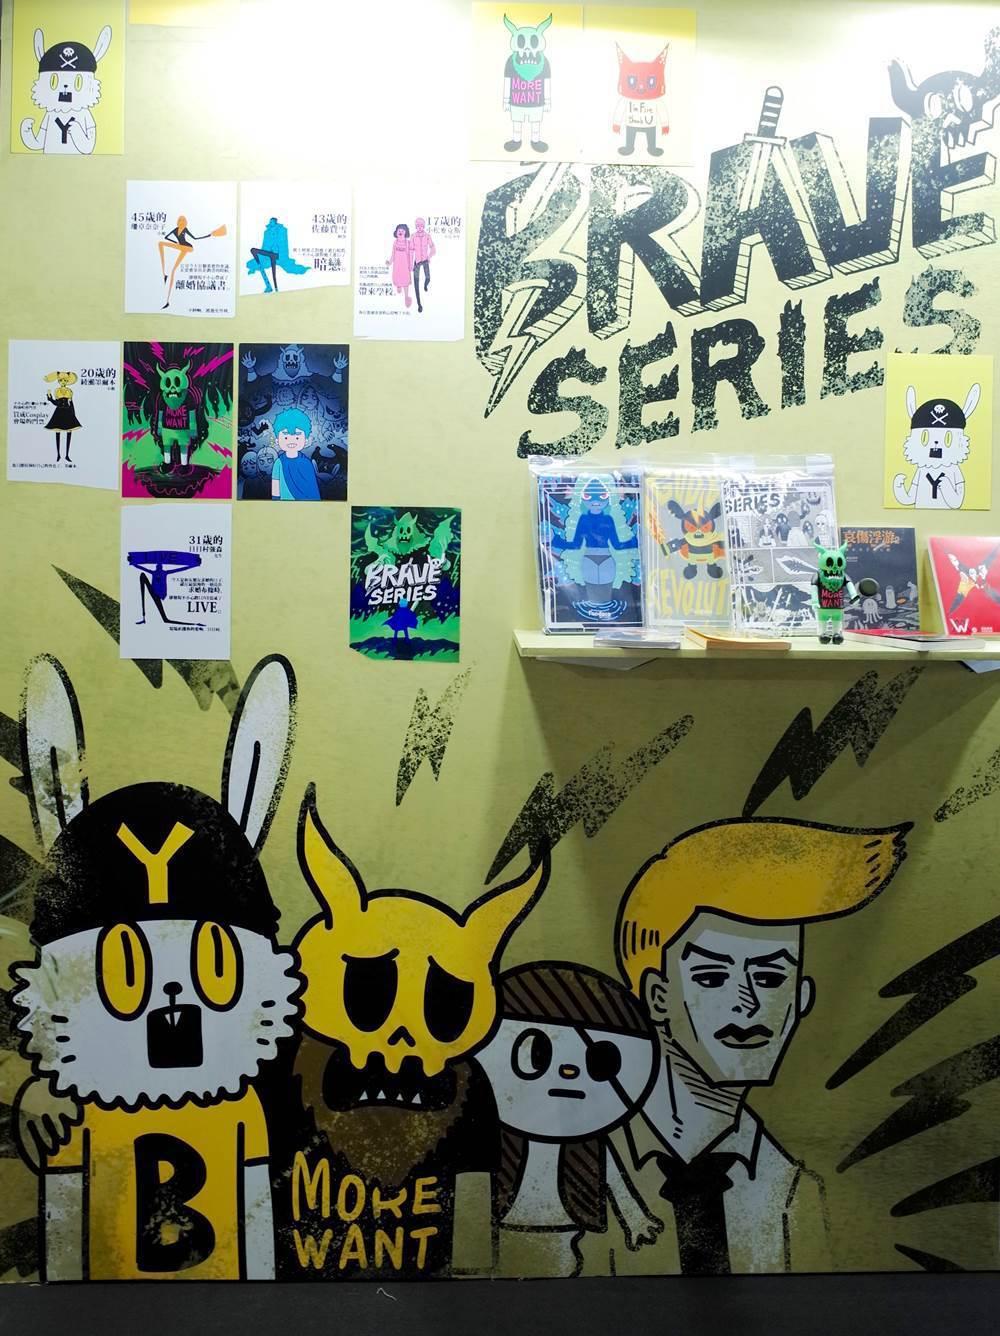 黃色書刊潮流感漫畫風格充滿幽默創意。(圖/文 聯合數位文創提供)